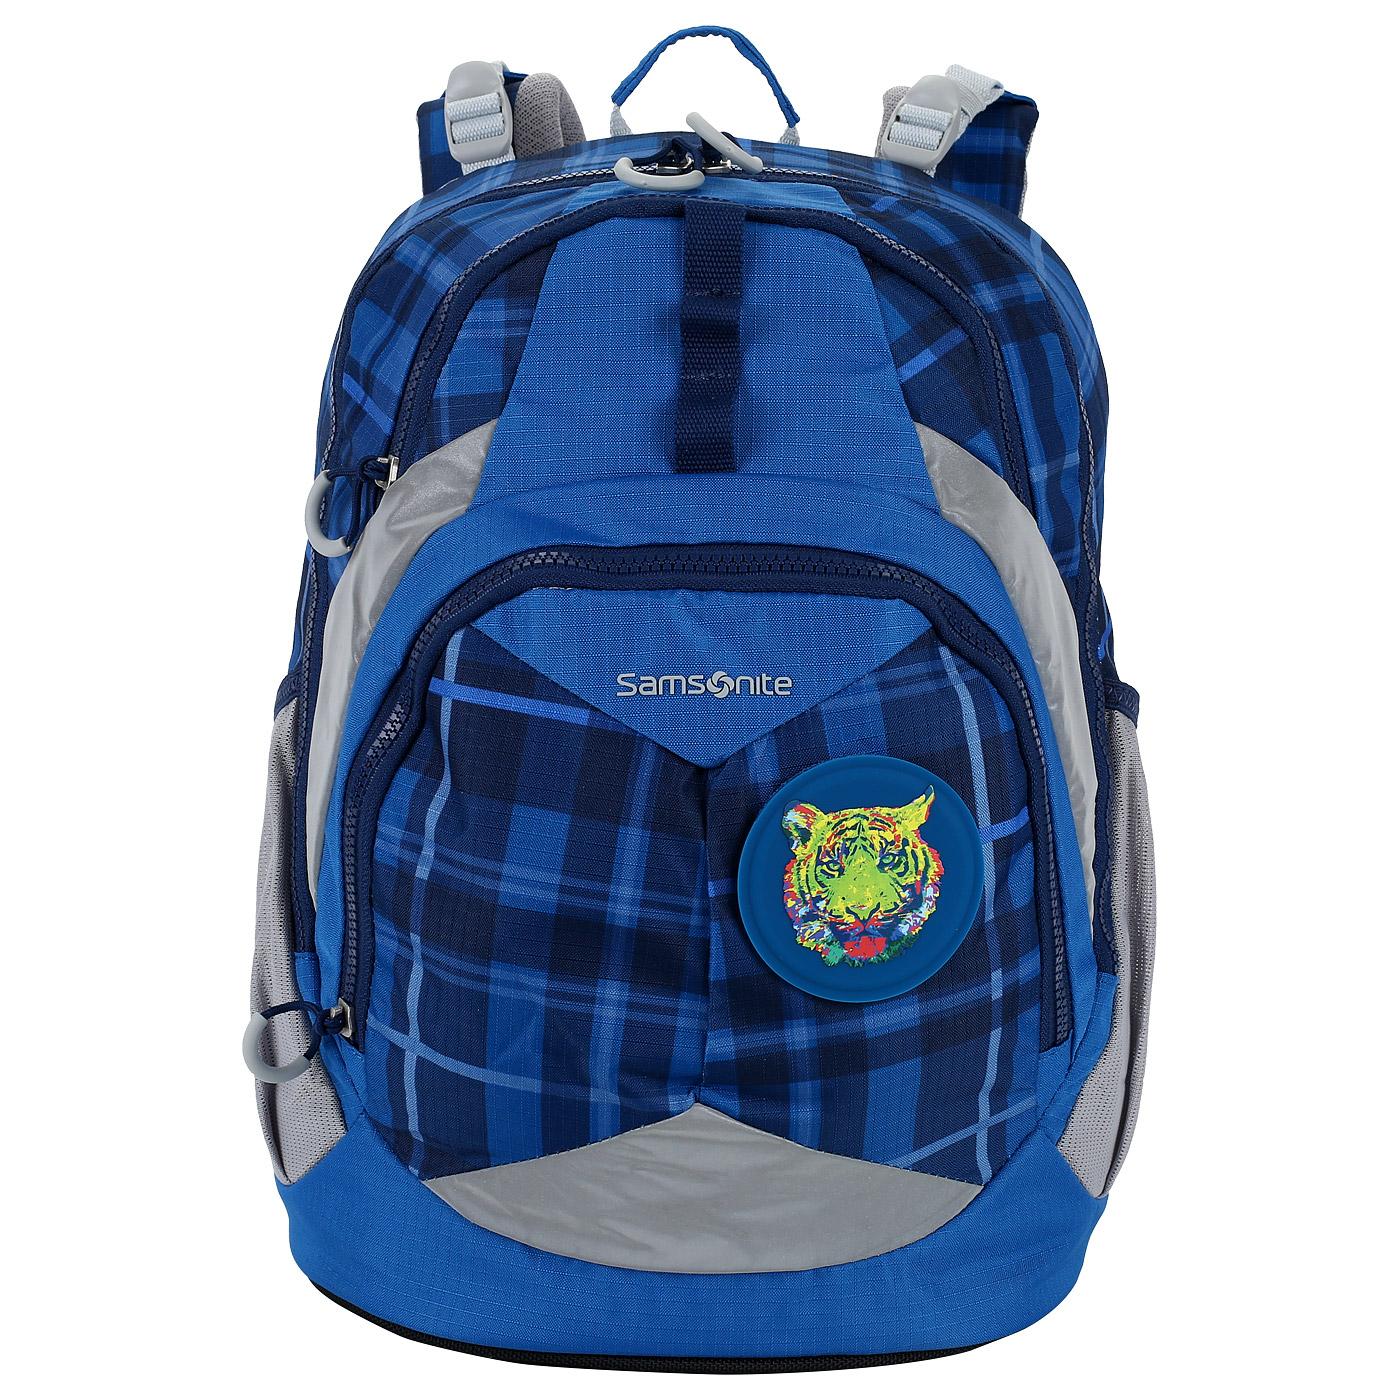 96d47c937432 Синий рюкзак на молнии Samsonite Sam Ergofit